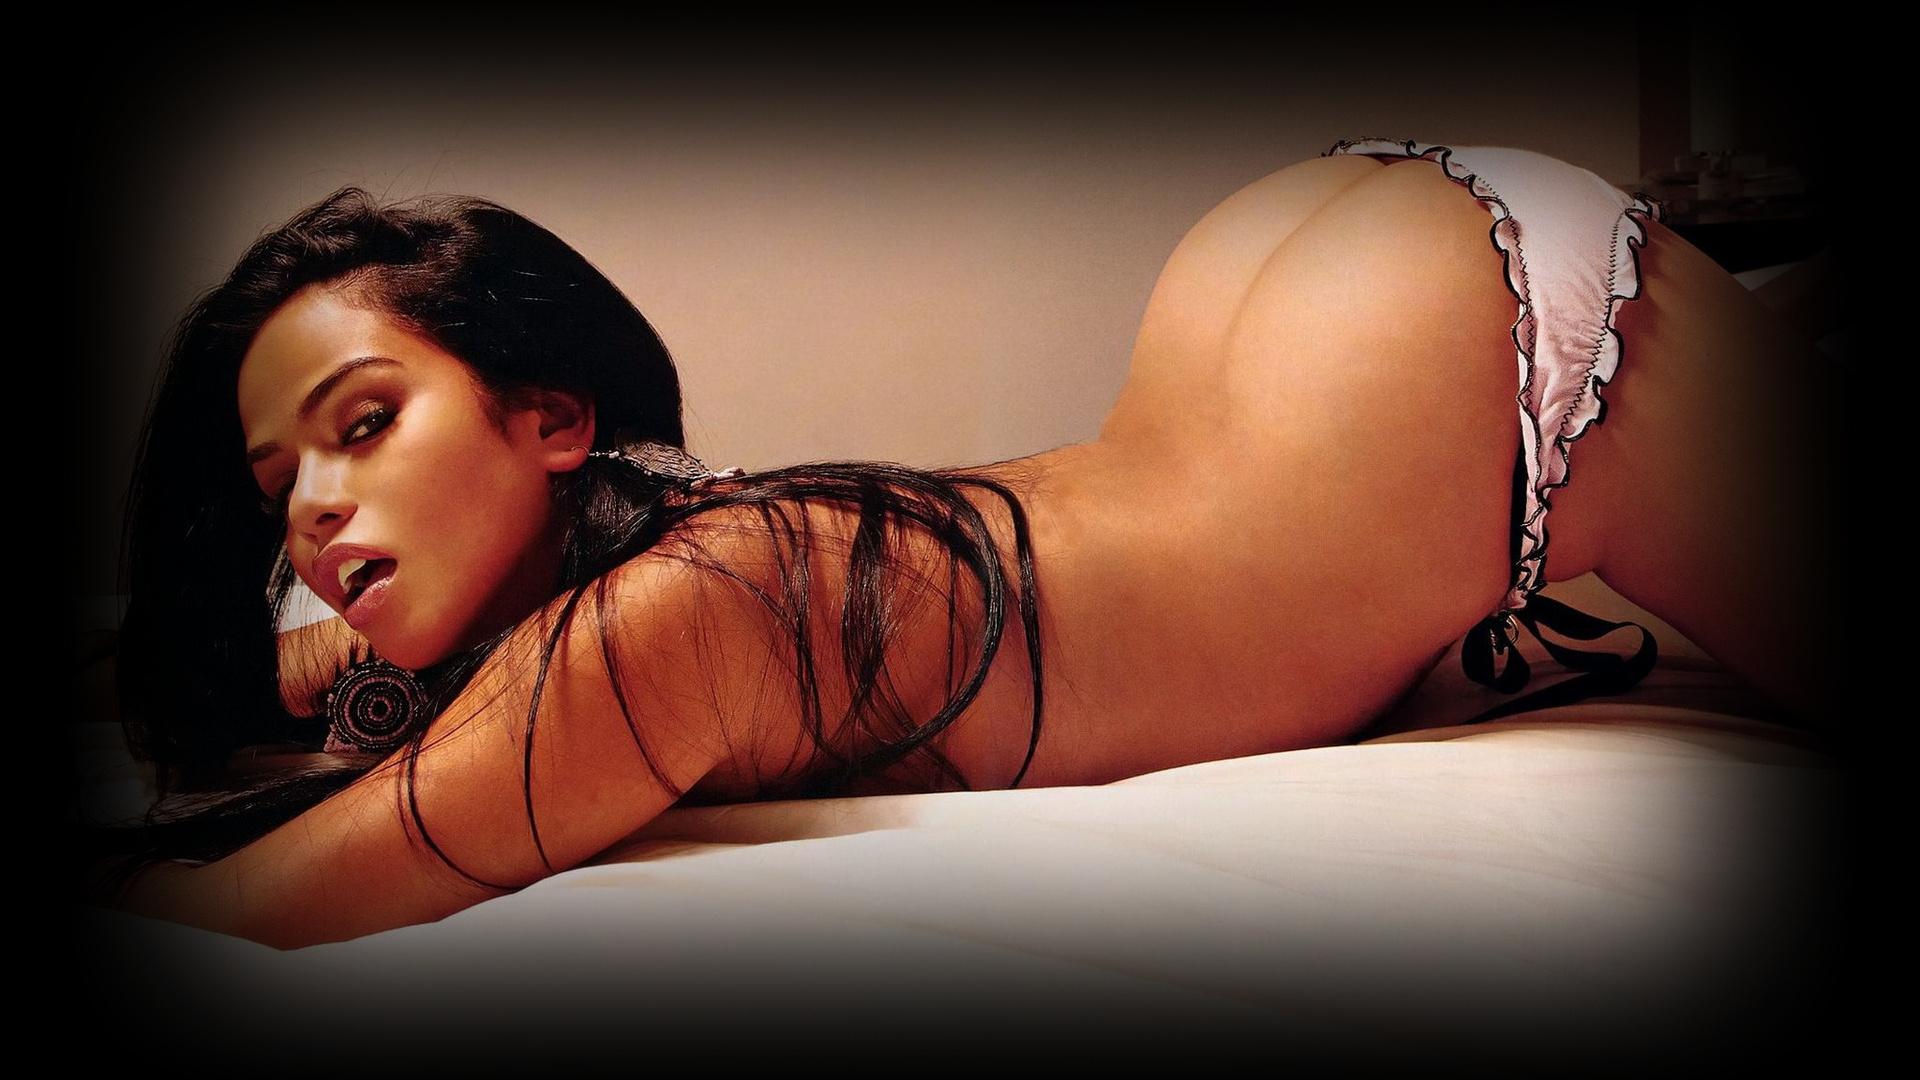 Сексуланей девушка картинка #8